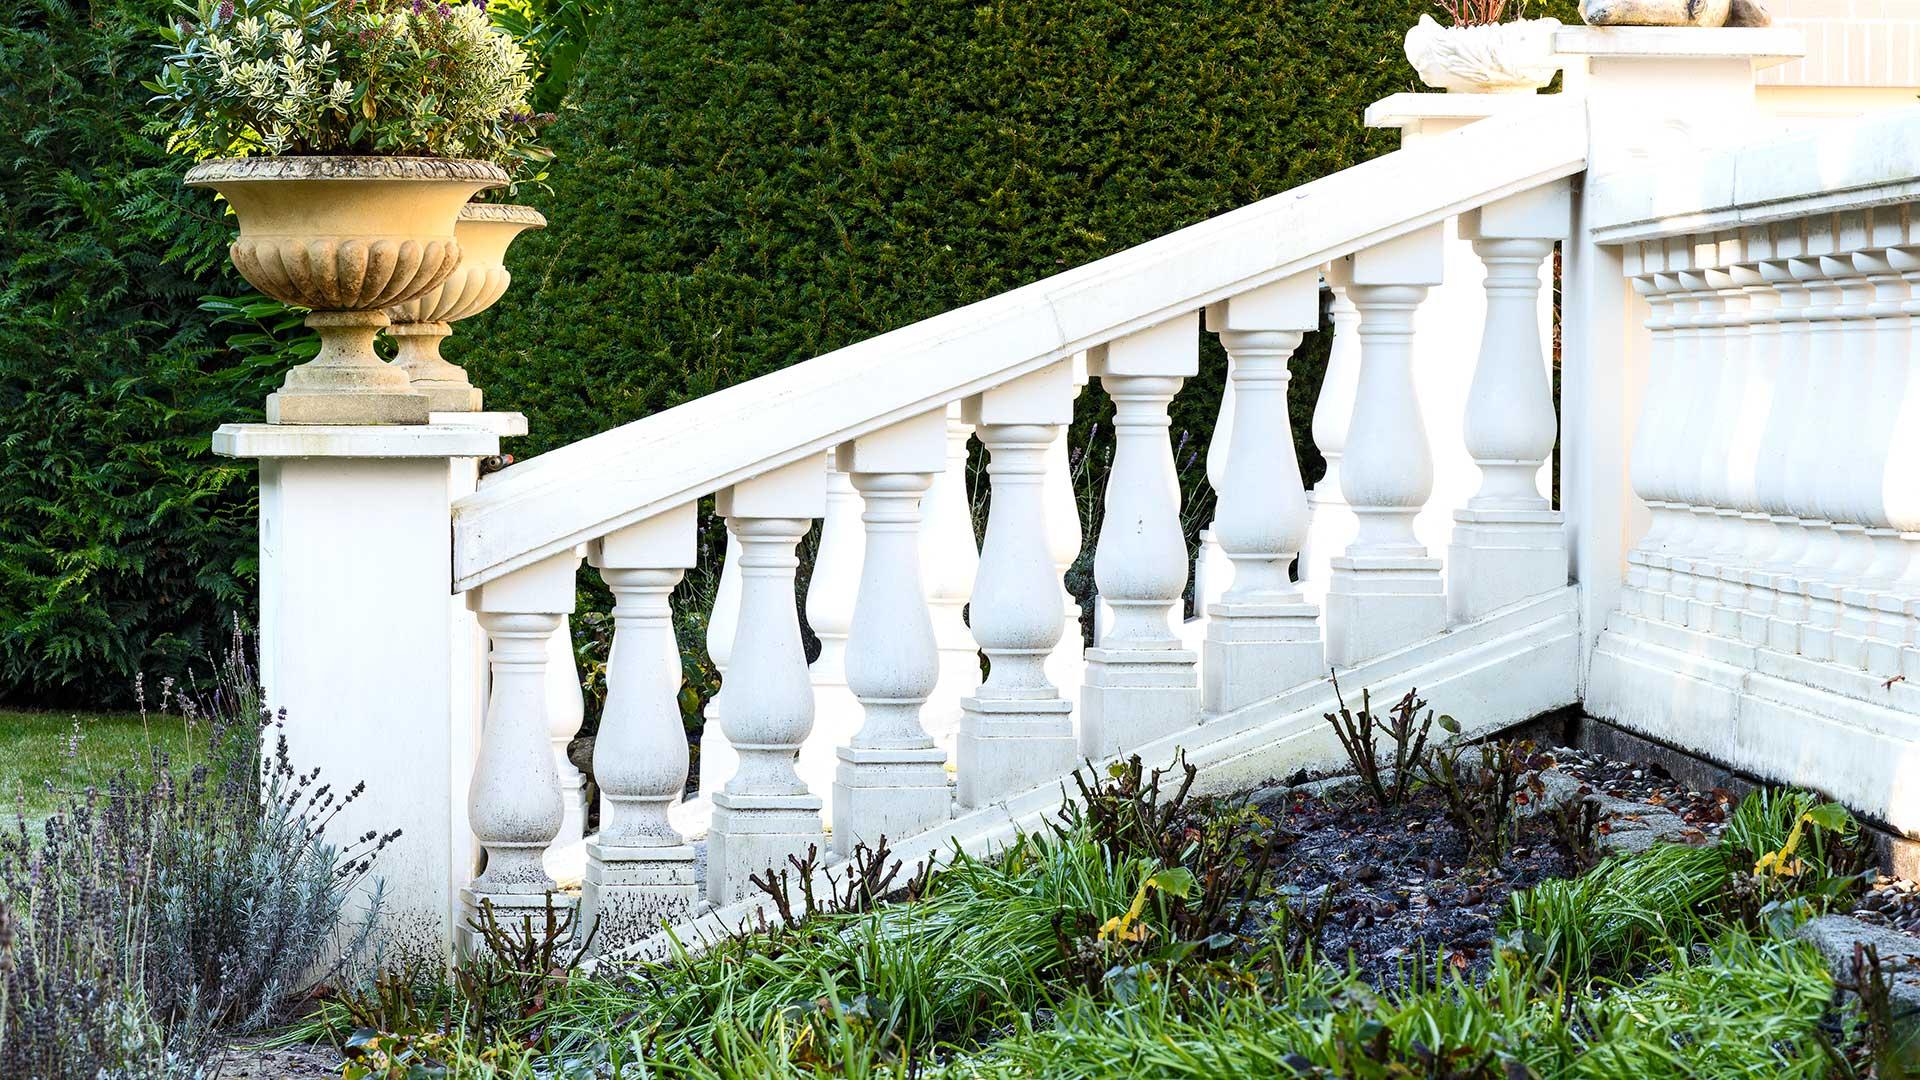 Architekturfotografie: Gartenaufgang | Foto: Dieter Eikenberg, imprints